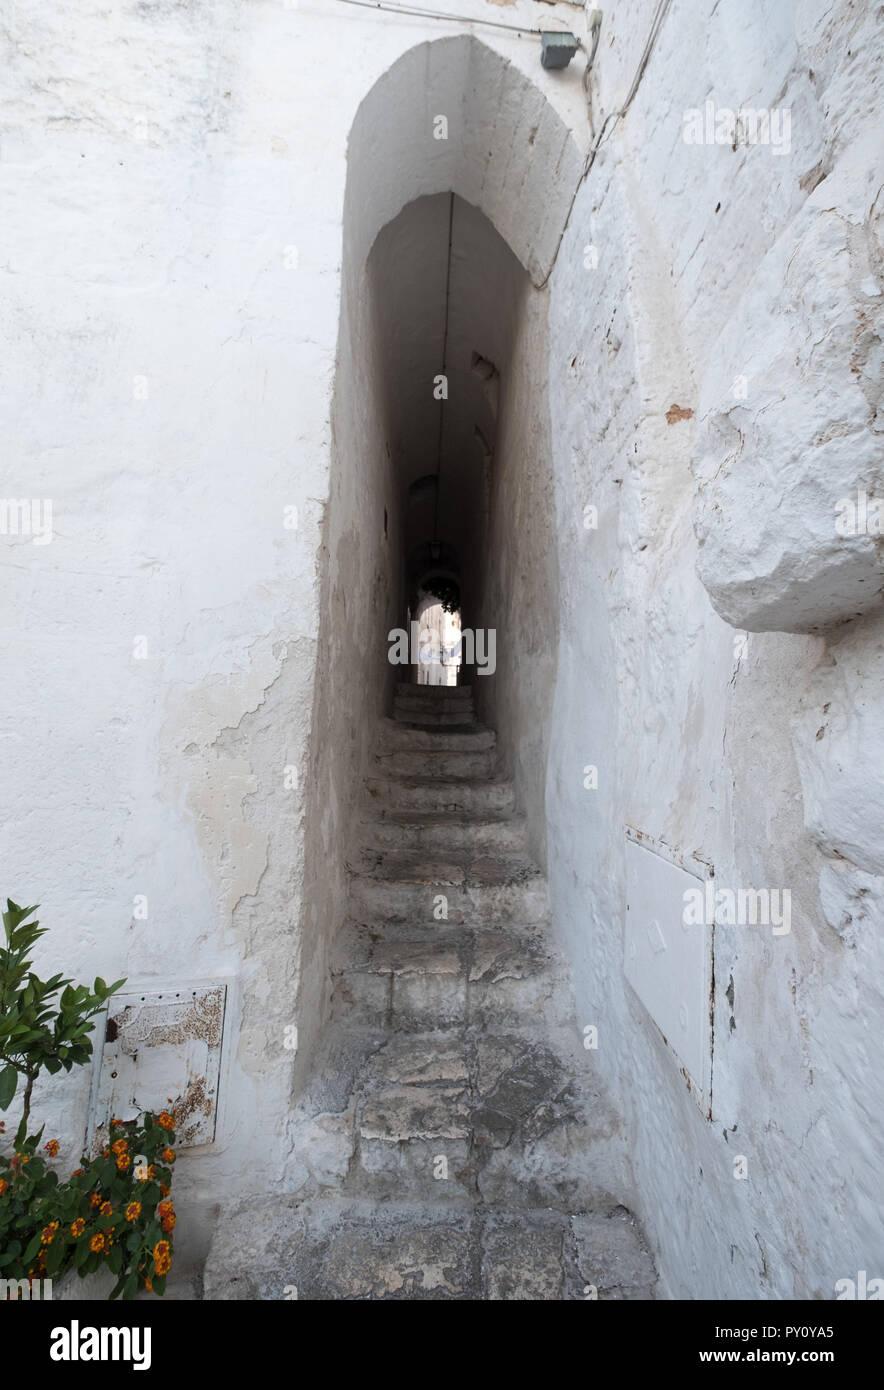 Ostuni Italia. Casas blancas en una calle escalonada en Ostuni en Apulia, en el sur de Italia. Foto de stock